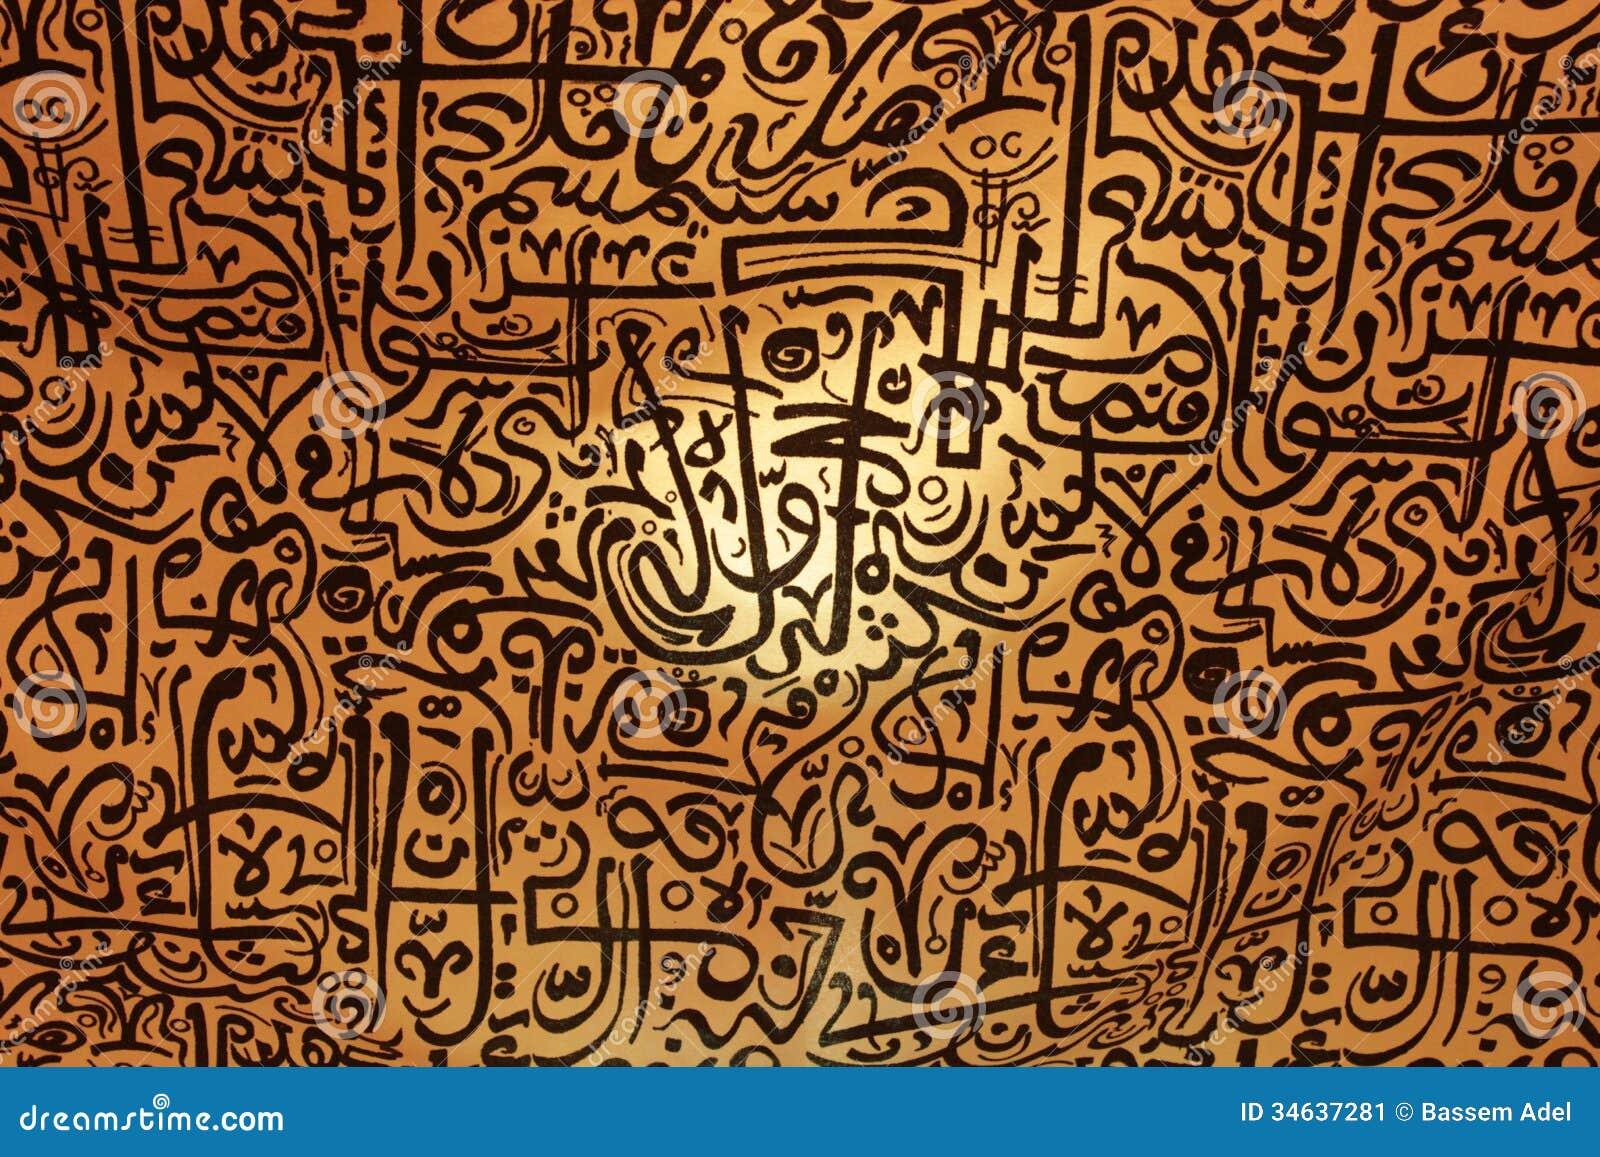 Islamitisch Art.